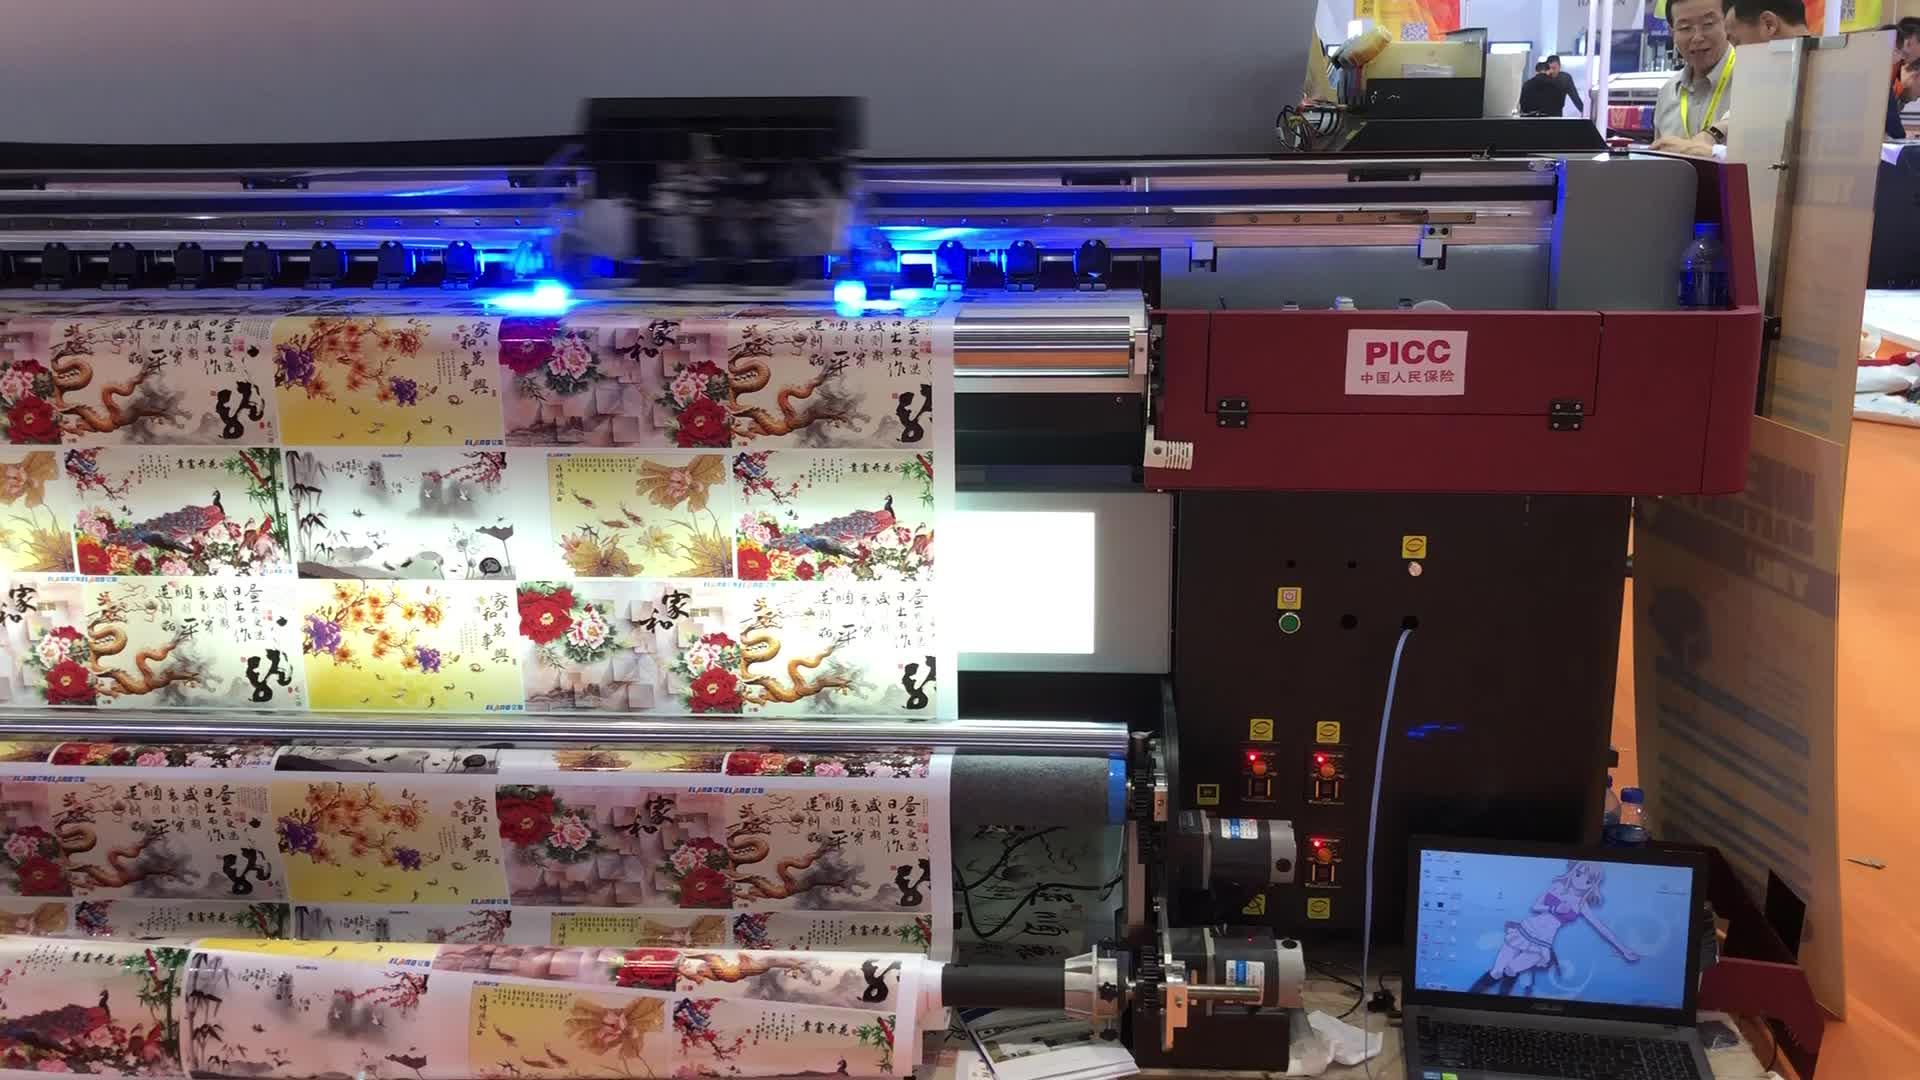 Voor outdoor/indoor industriële eco solvent uv flatbed printer originele xaar 1201 printkop